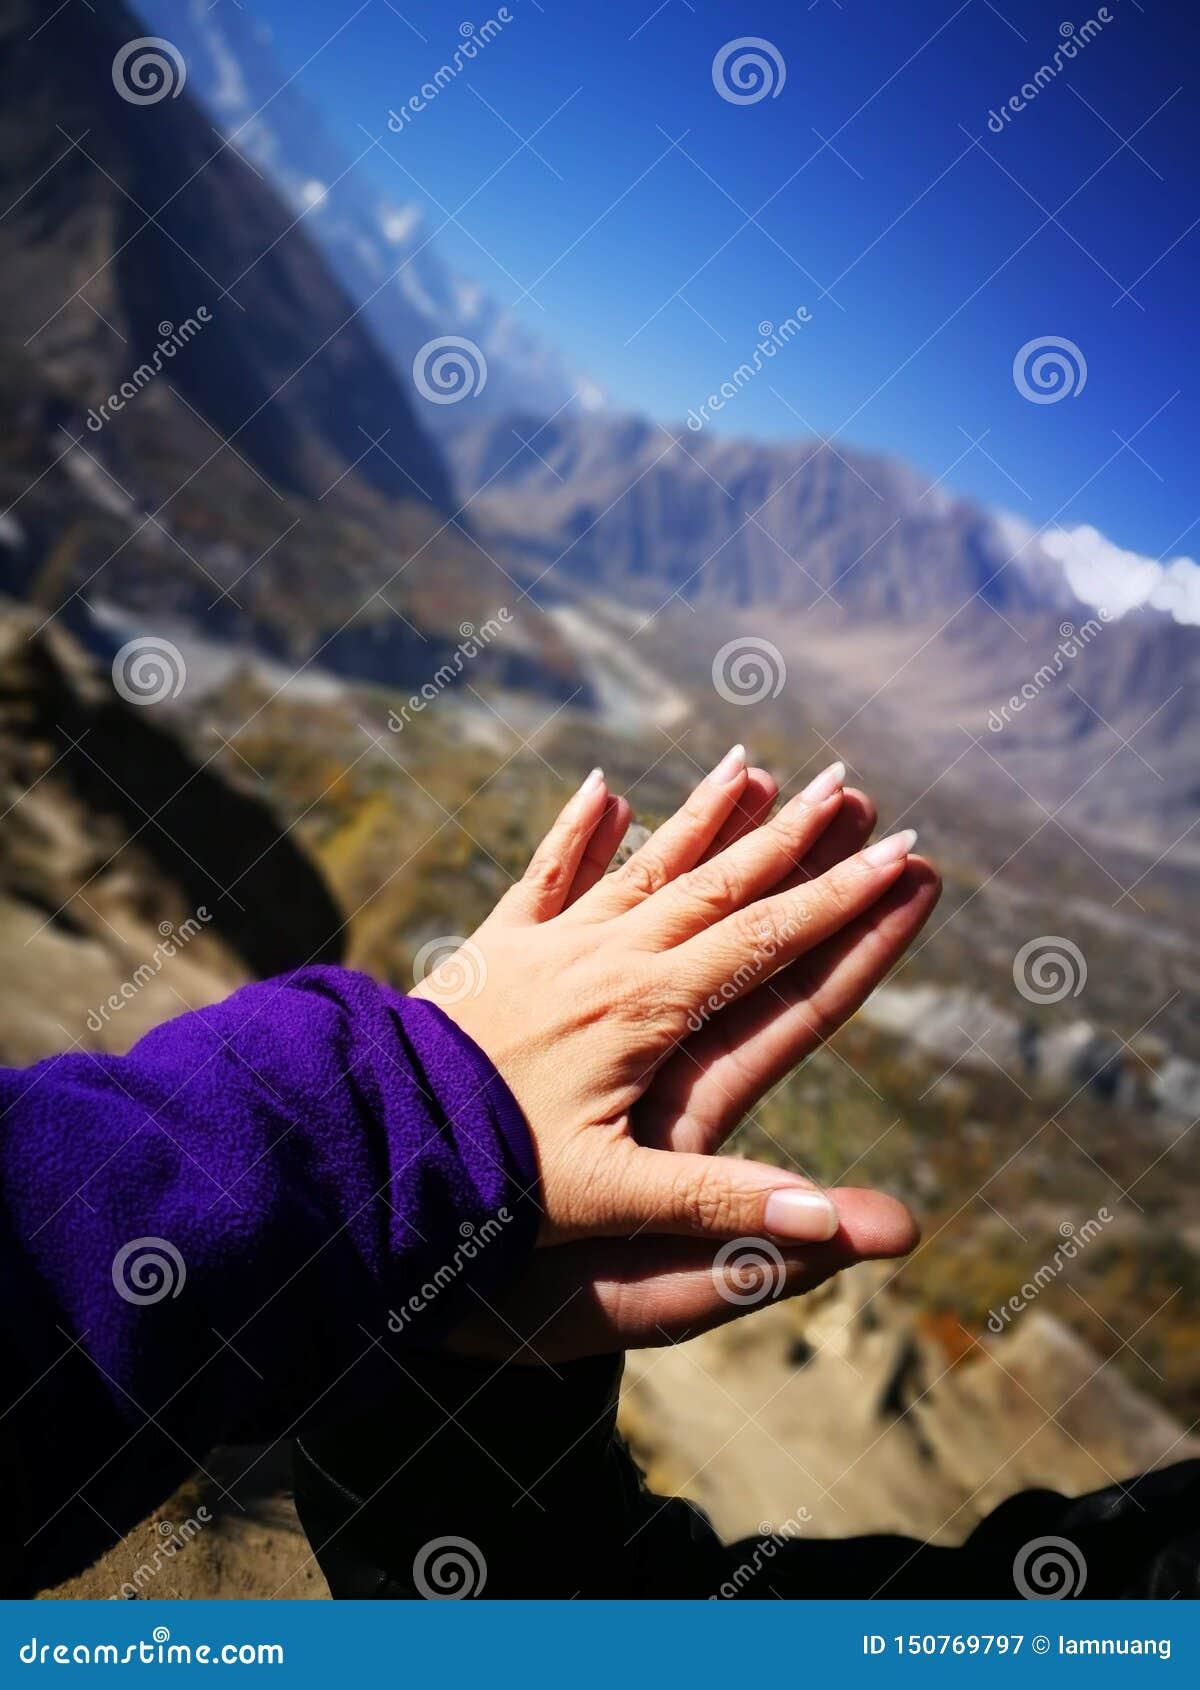 Kochanek wręcza macanie i togethering z tłem dla góry, niebieskiego nieba i miłości i leczniczego pojęcia